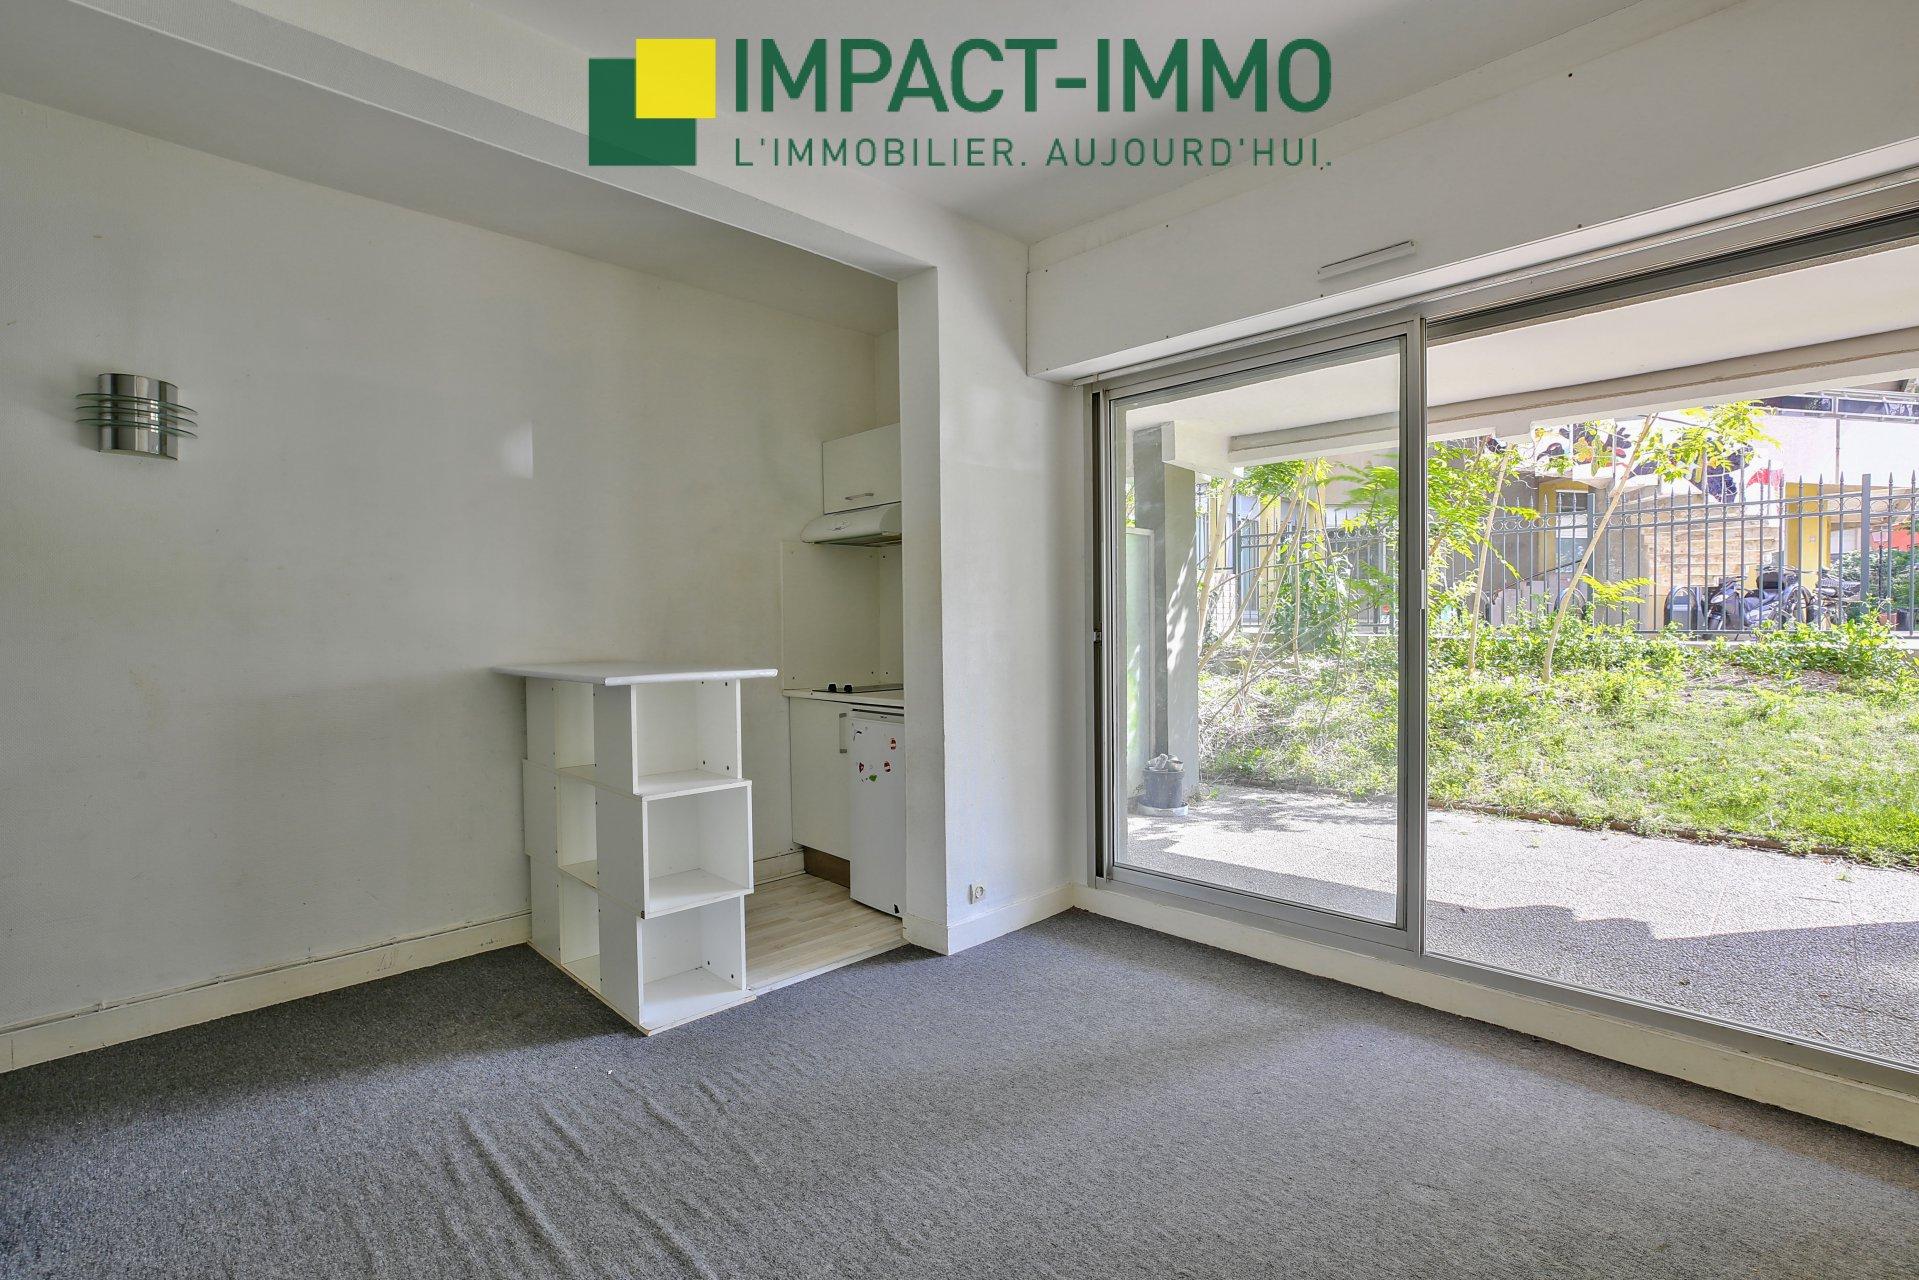 Exclusivité - Studio en rez-de-jardin - secteur Mairie